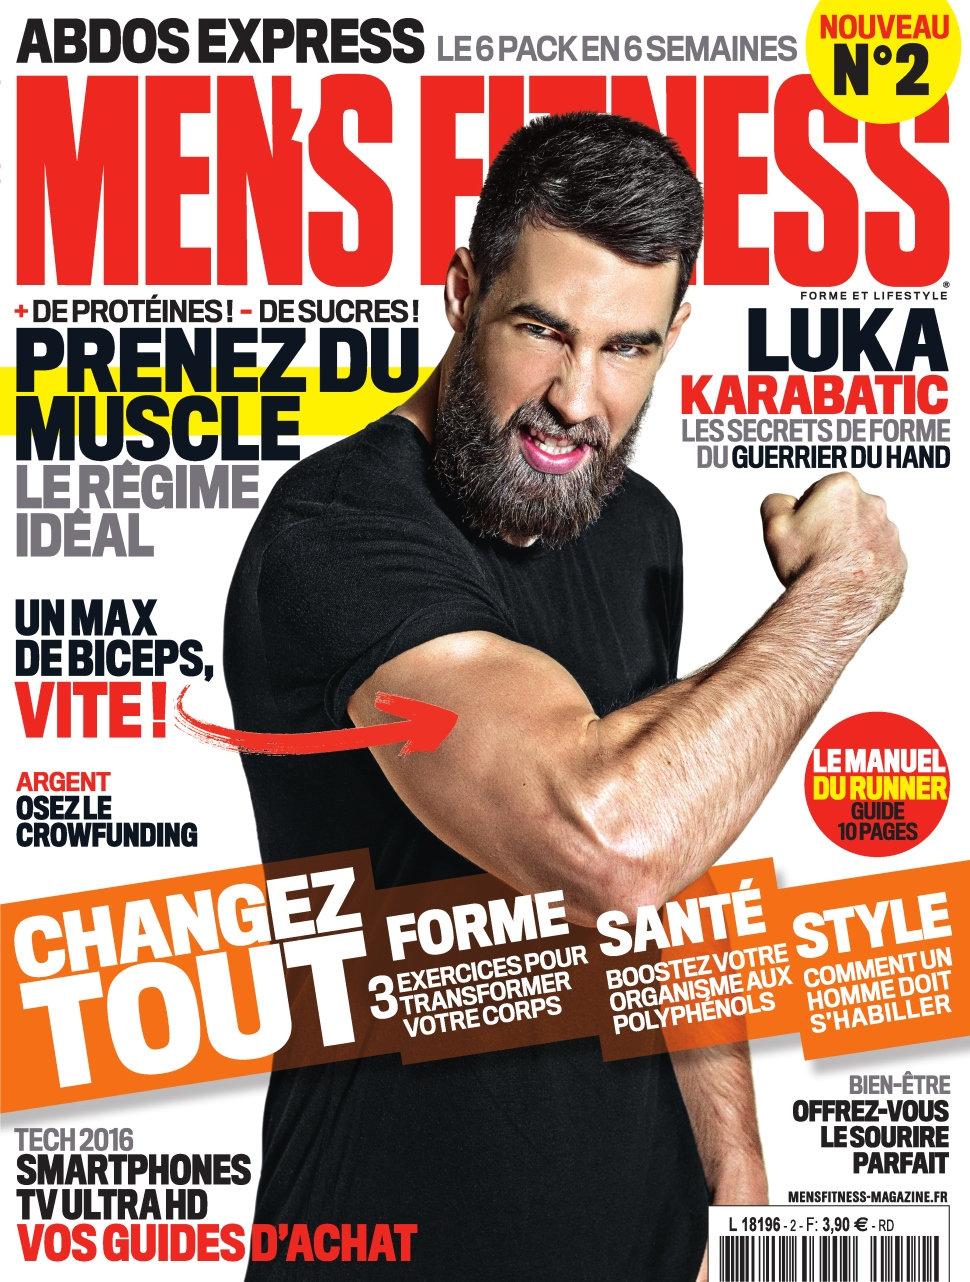 Men's Fitness N°2 - Avril 2016